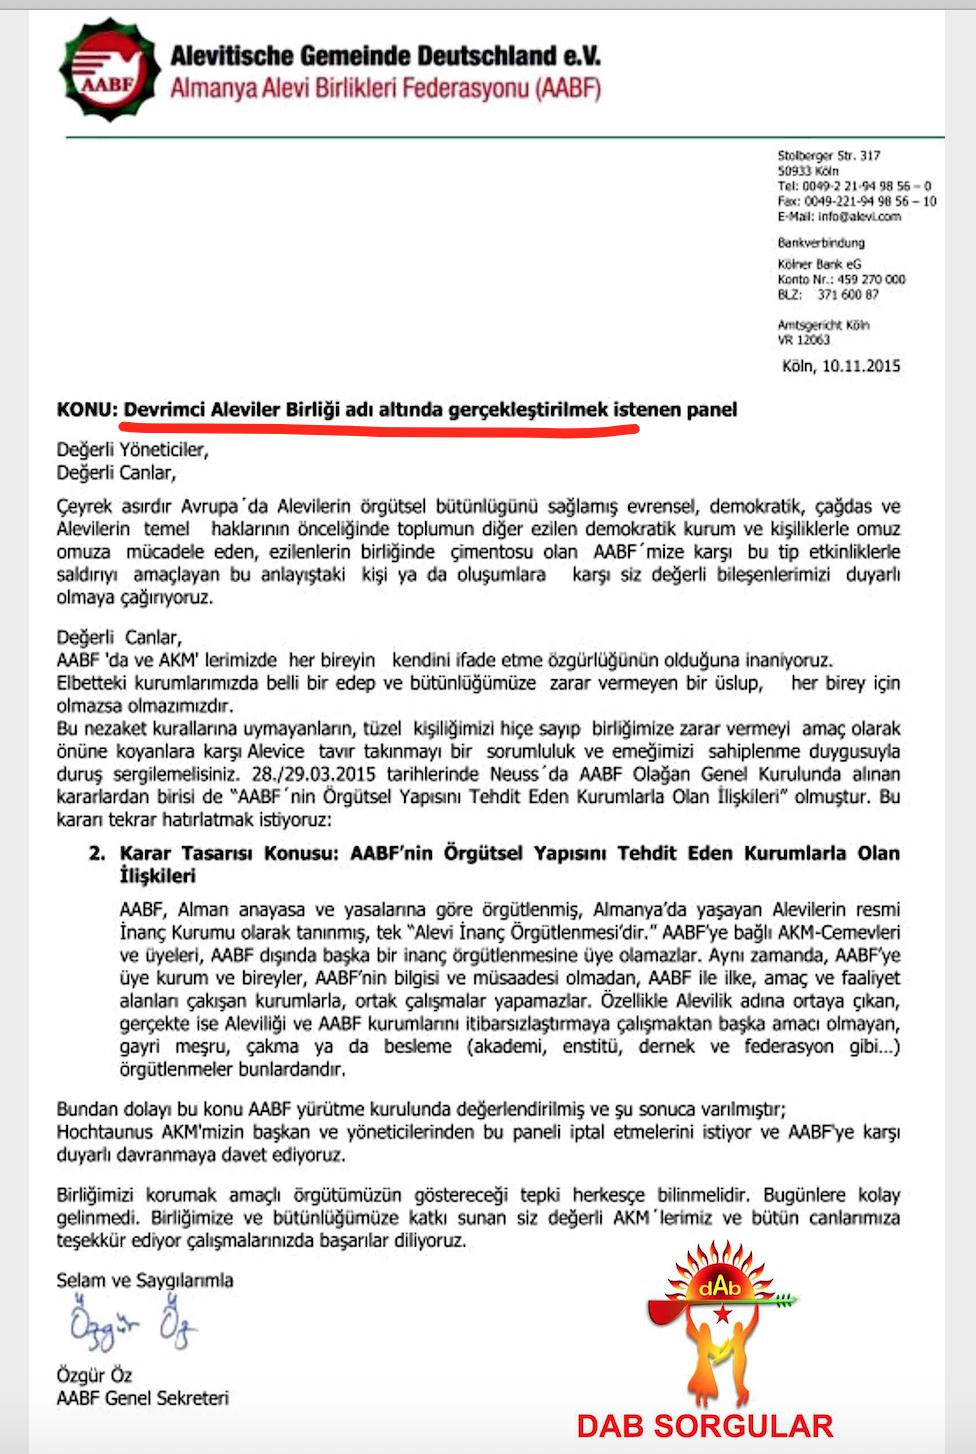 B1A DAB Almanya AABF panel yasağı